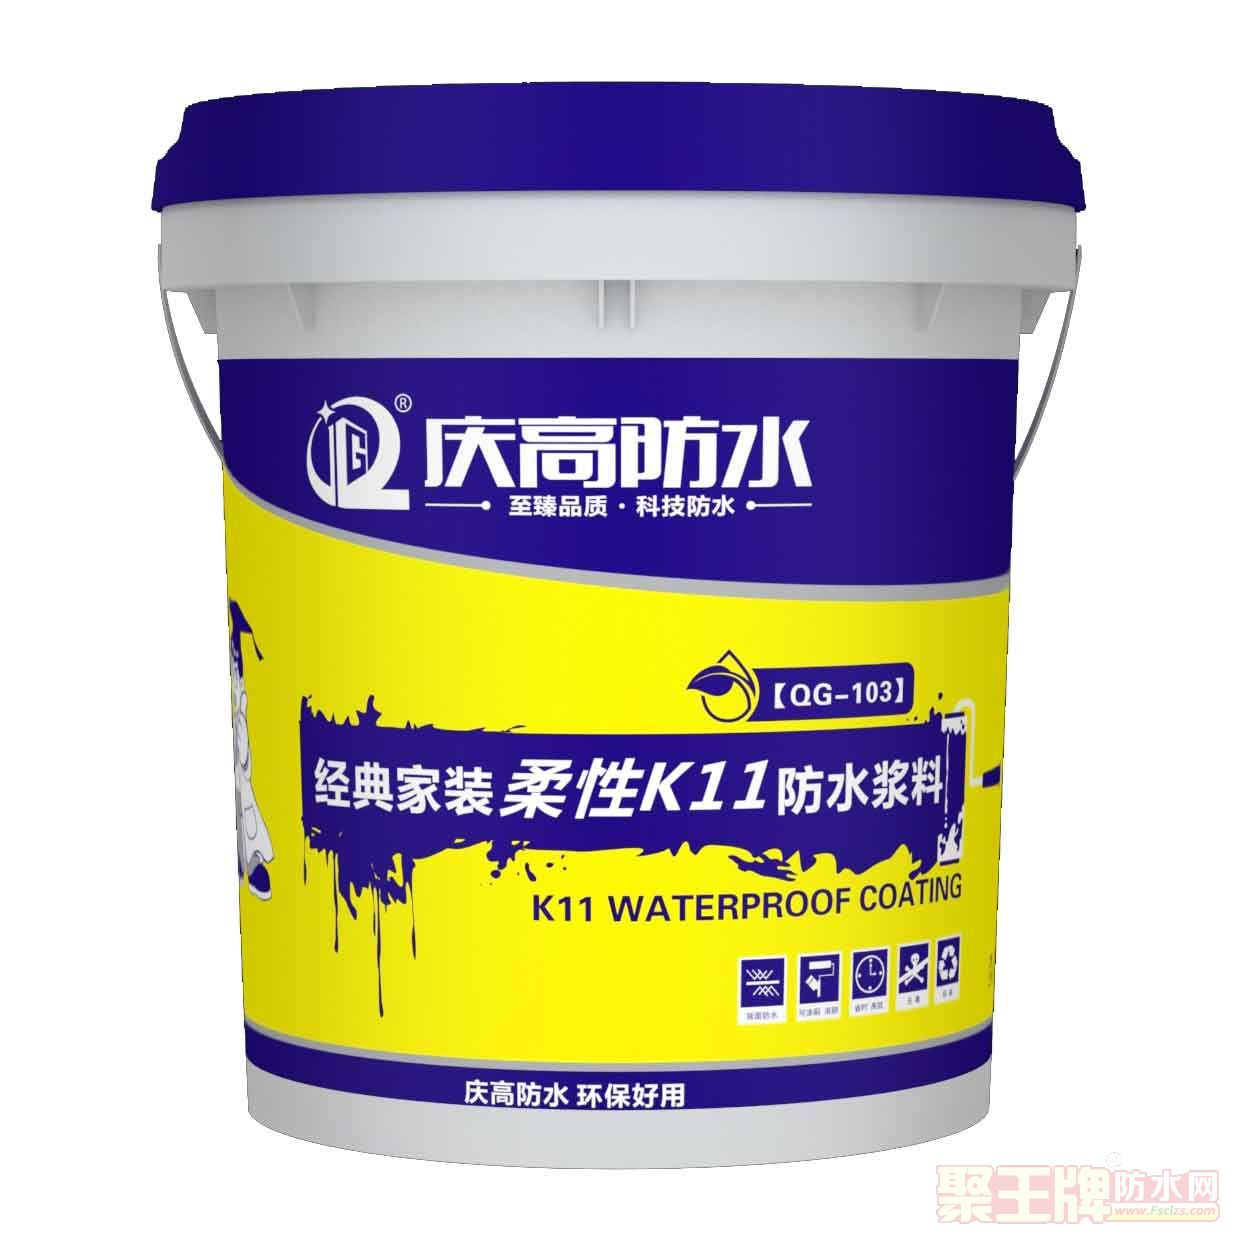 广州防水十大品牌之一厂家直销家装防水材料